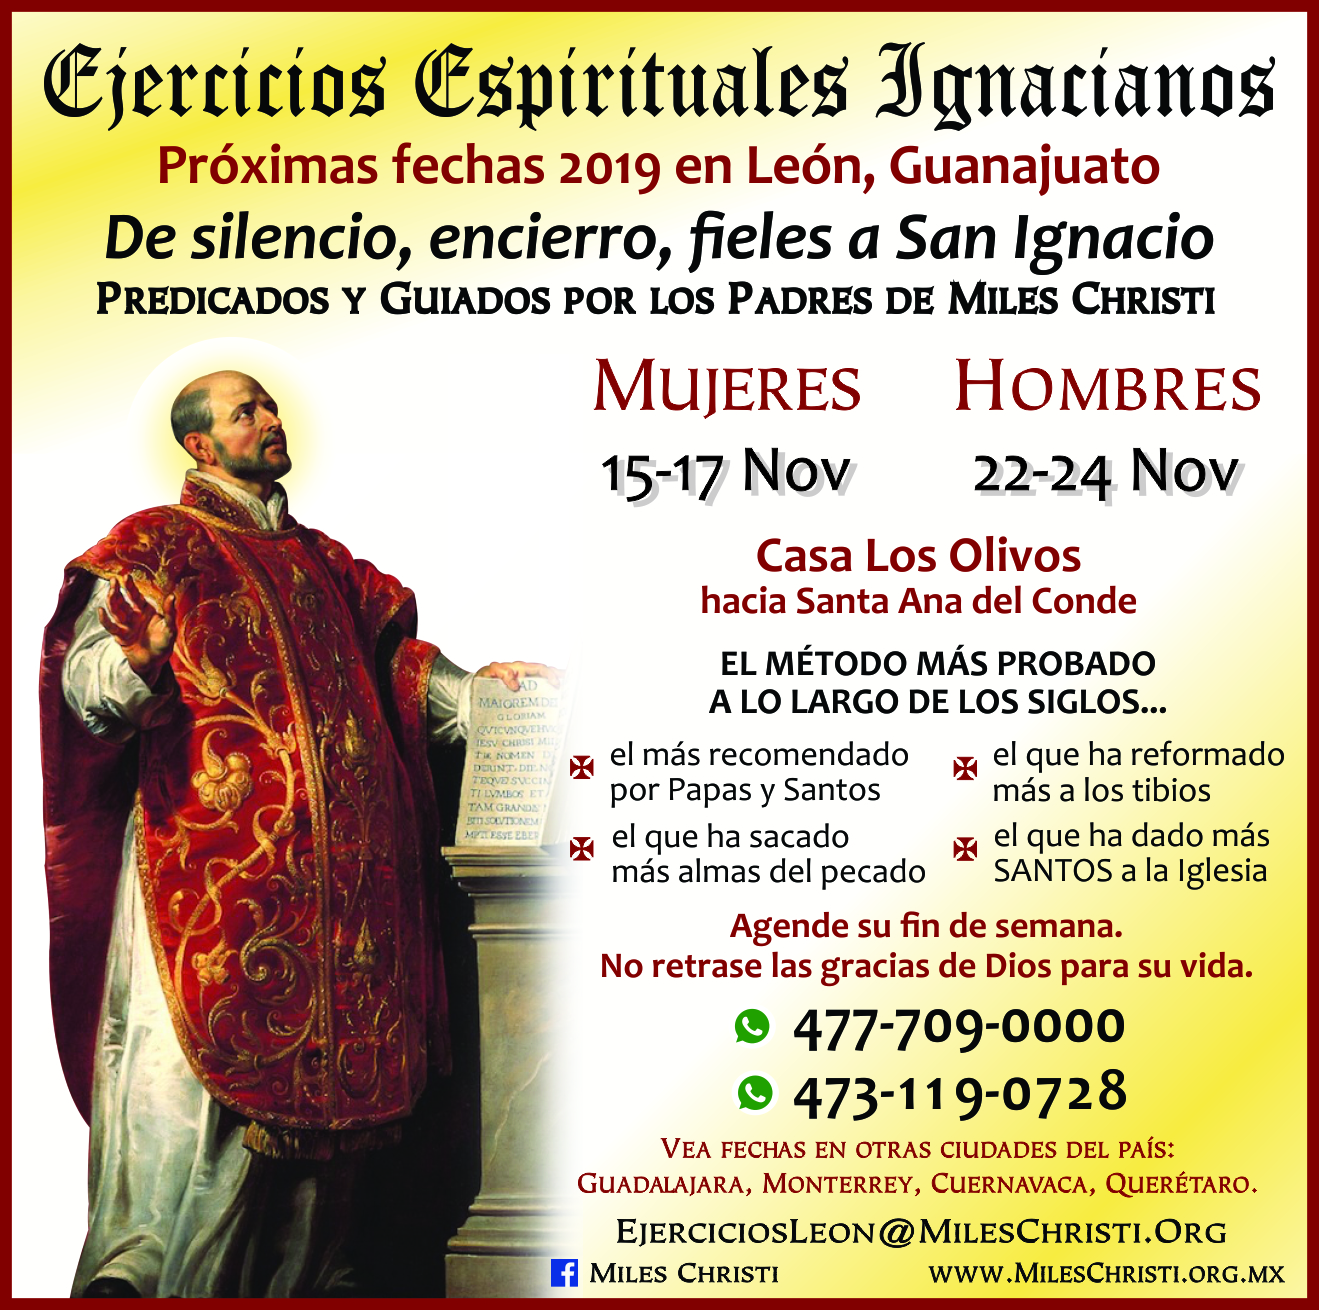 Ejercicios Espirituales Ignacianos en Guanajuato